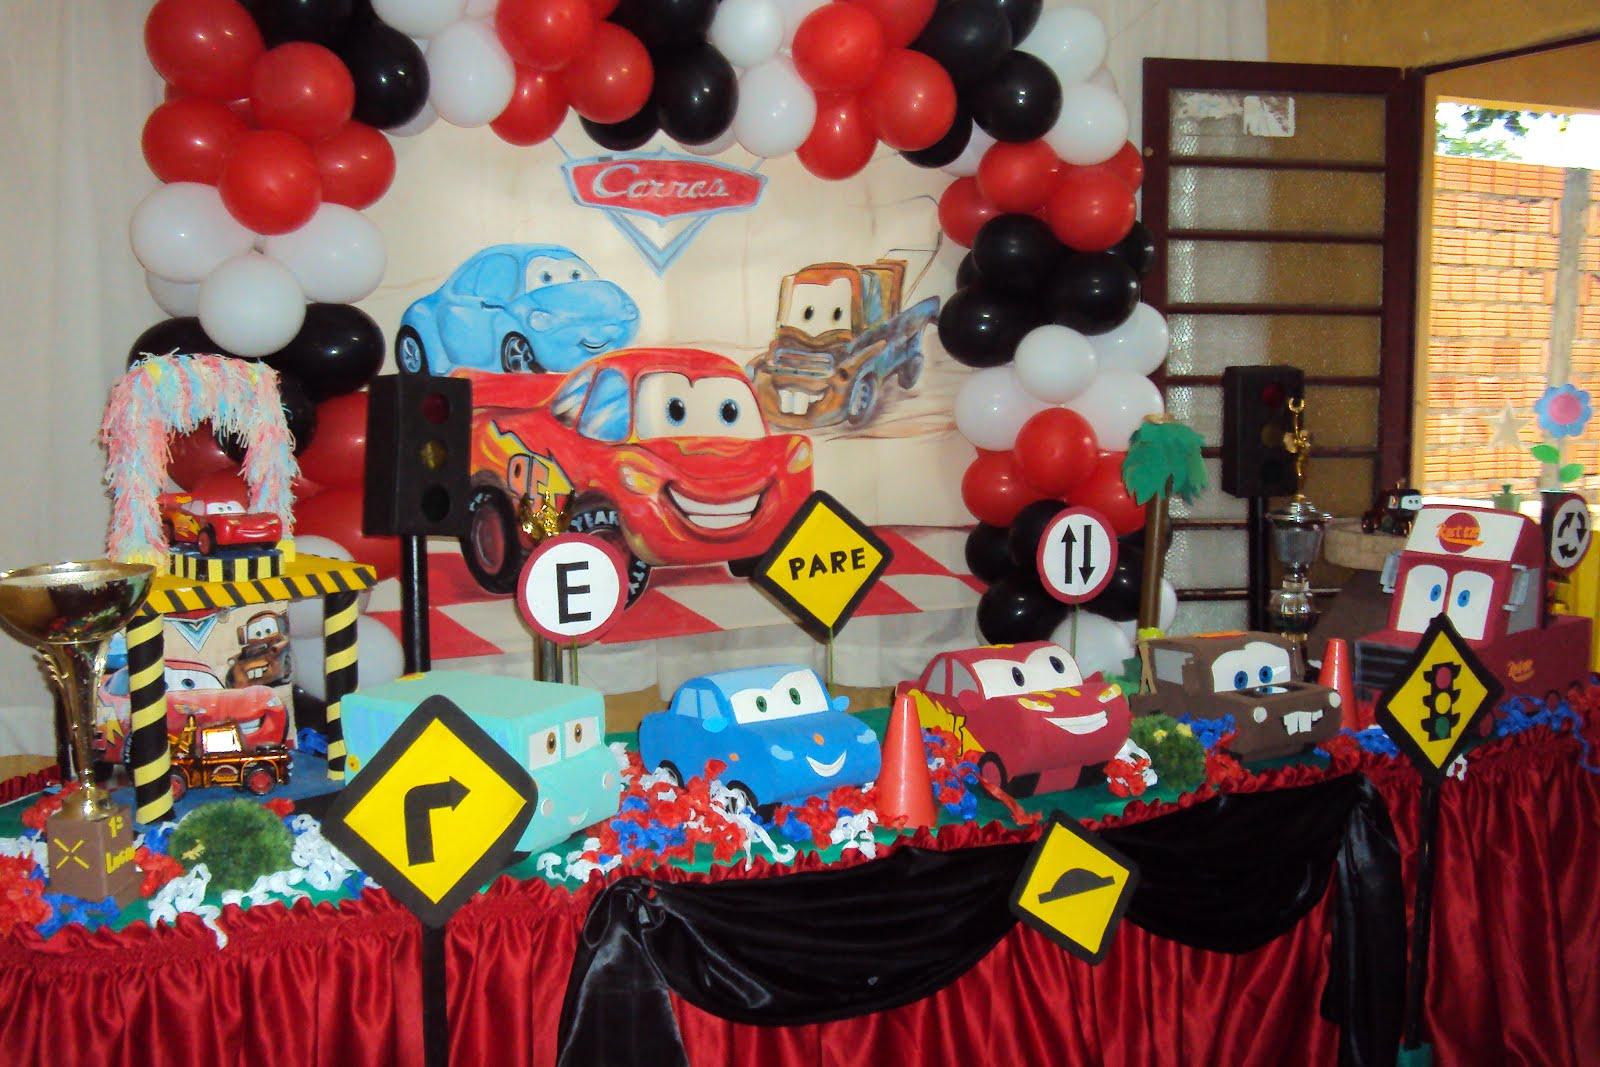 Festa Lego - Decoração de Festa Infantil tema Lego